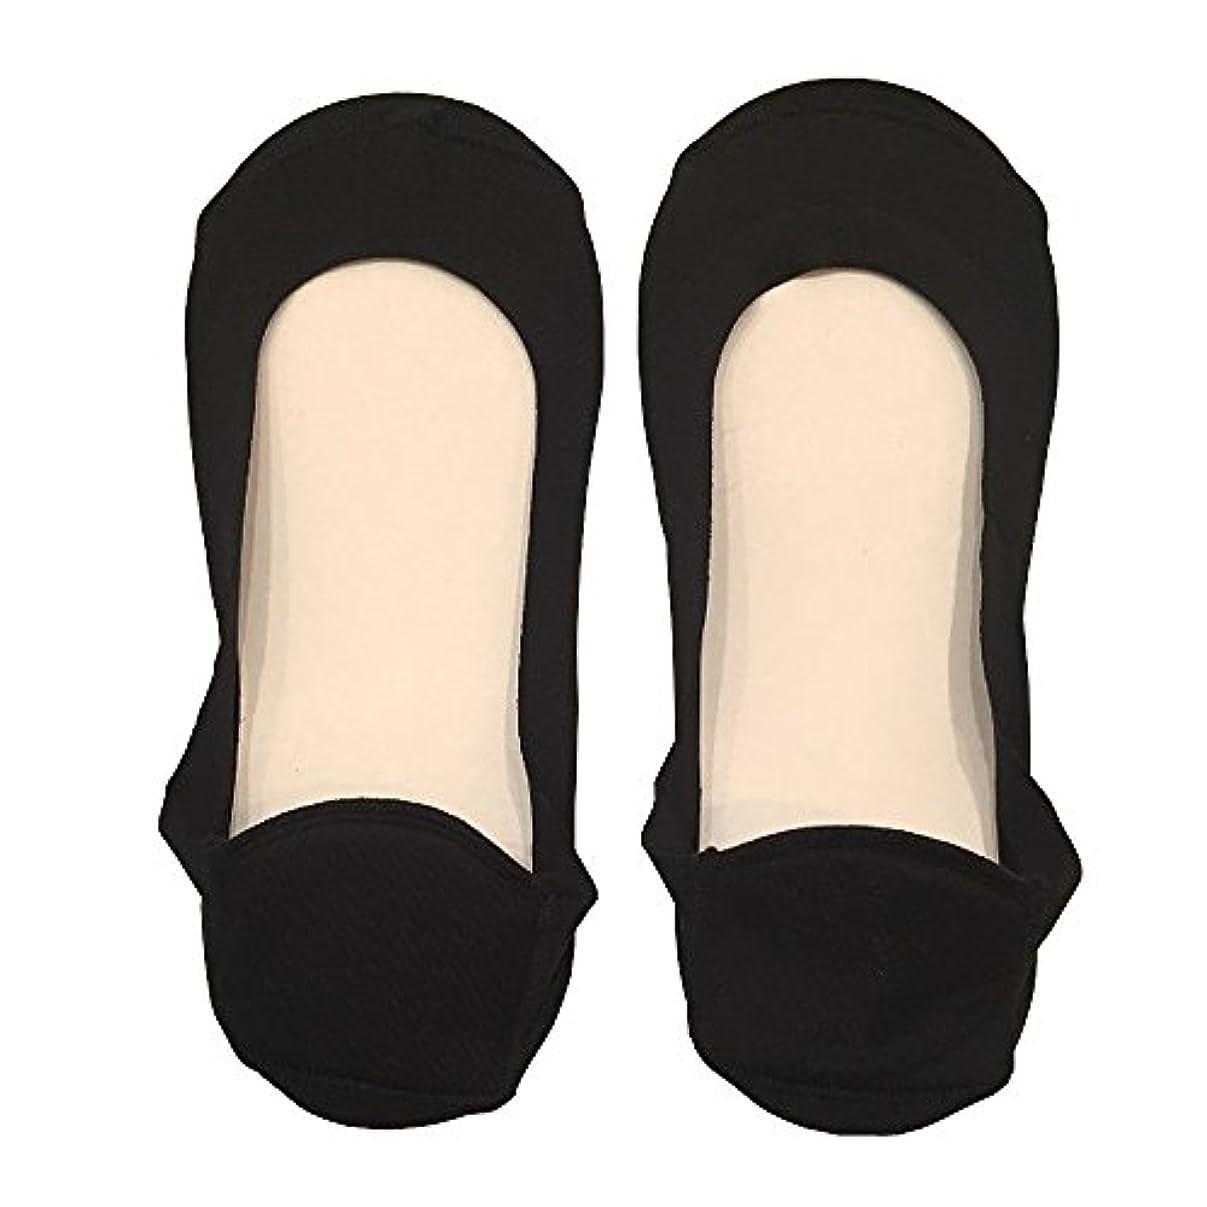 メトリックマダム感じDrScholl(ドクターショール)靴ずれ防止フットカバー かかとクッション付き 8804DR-07 ブラック